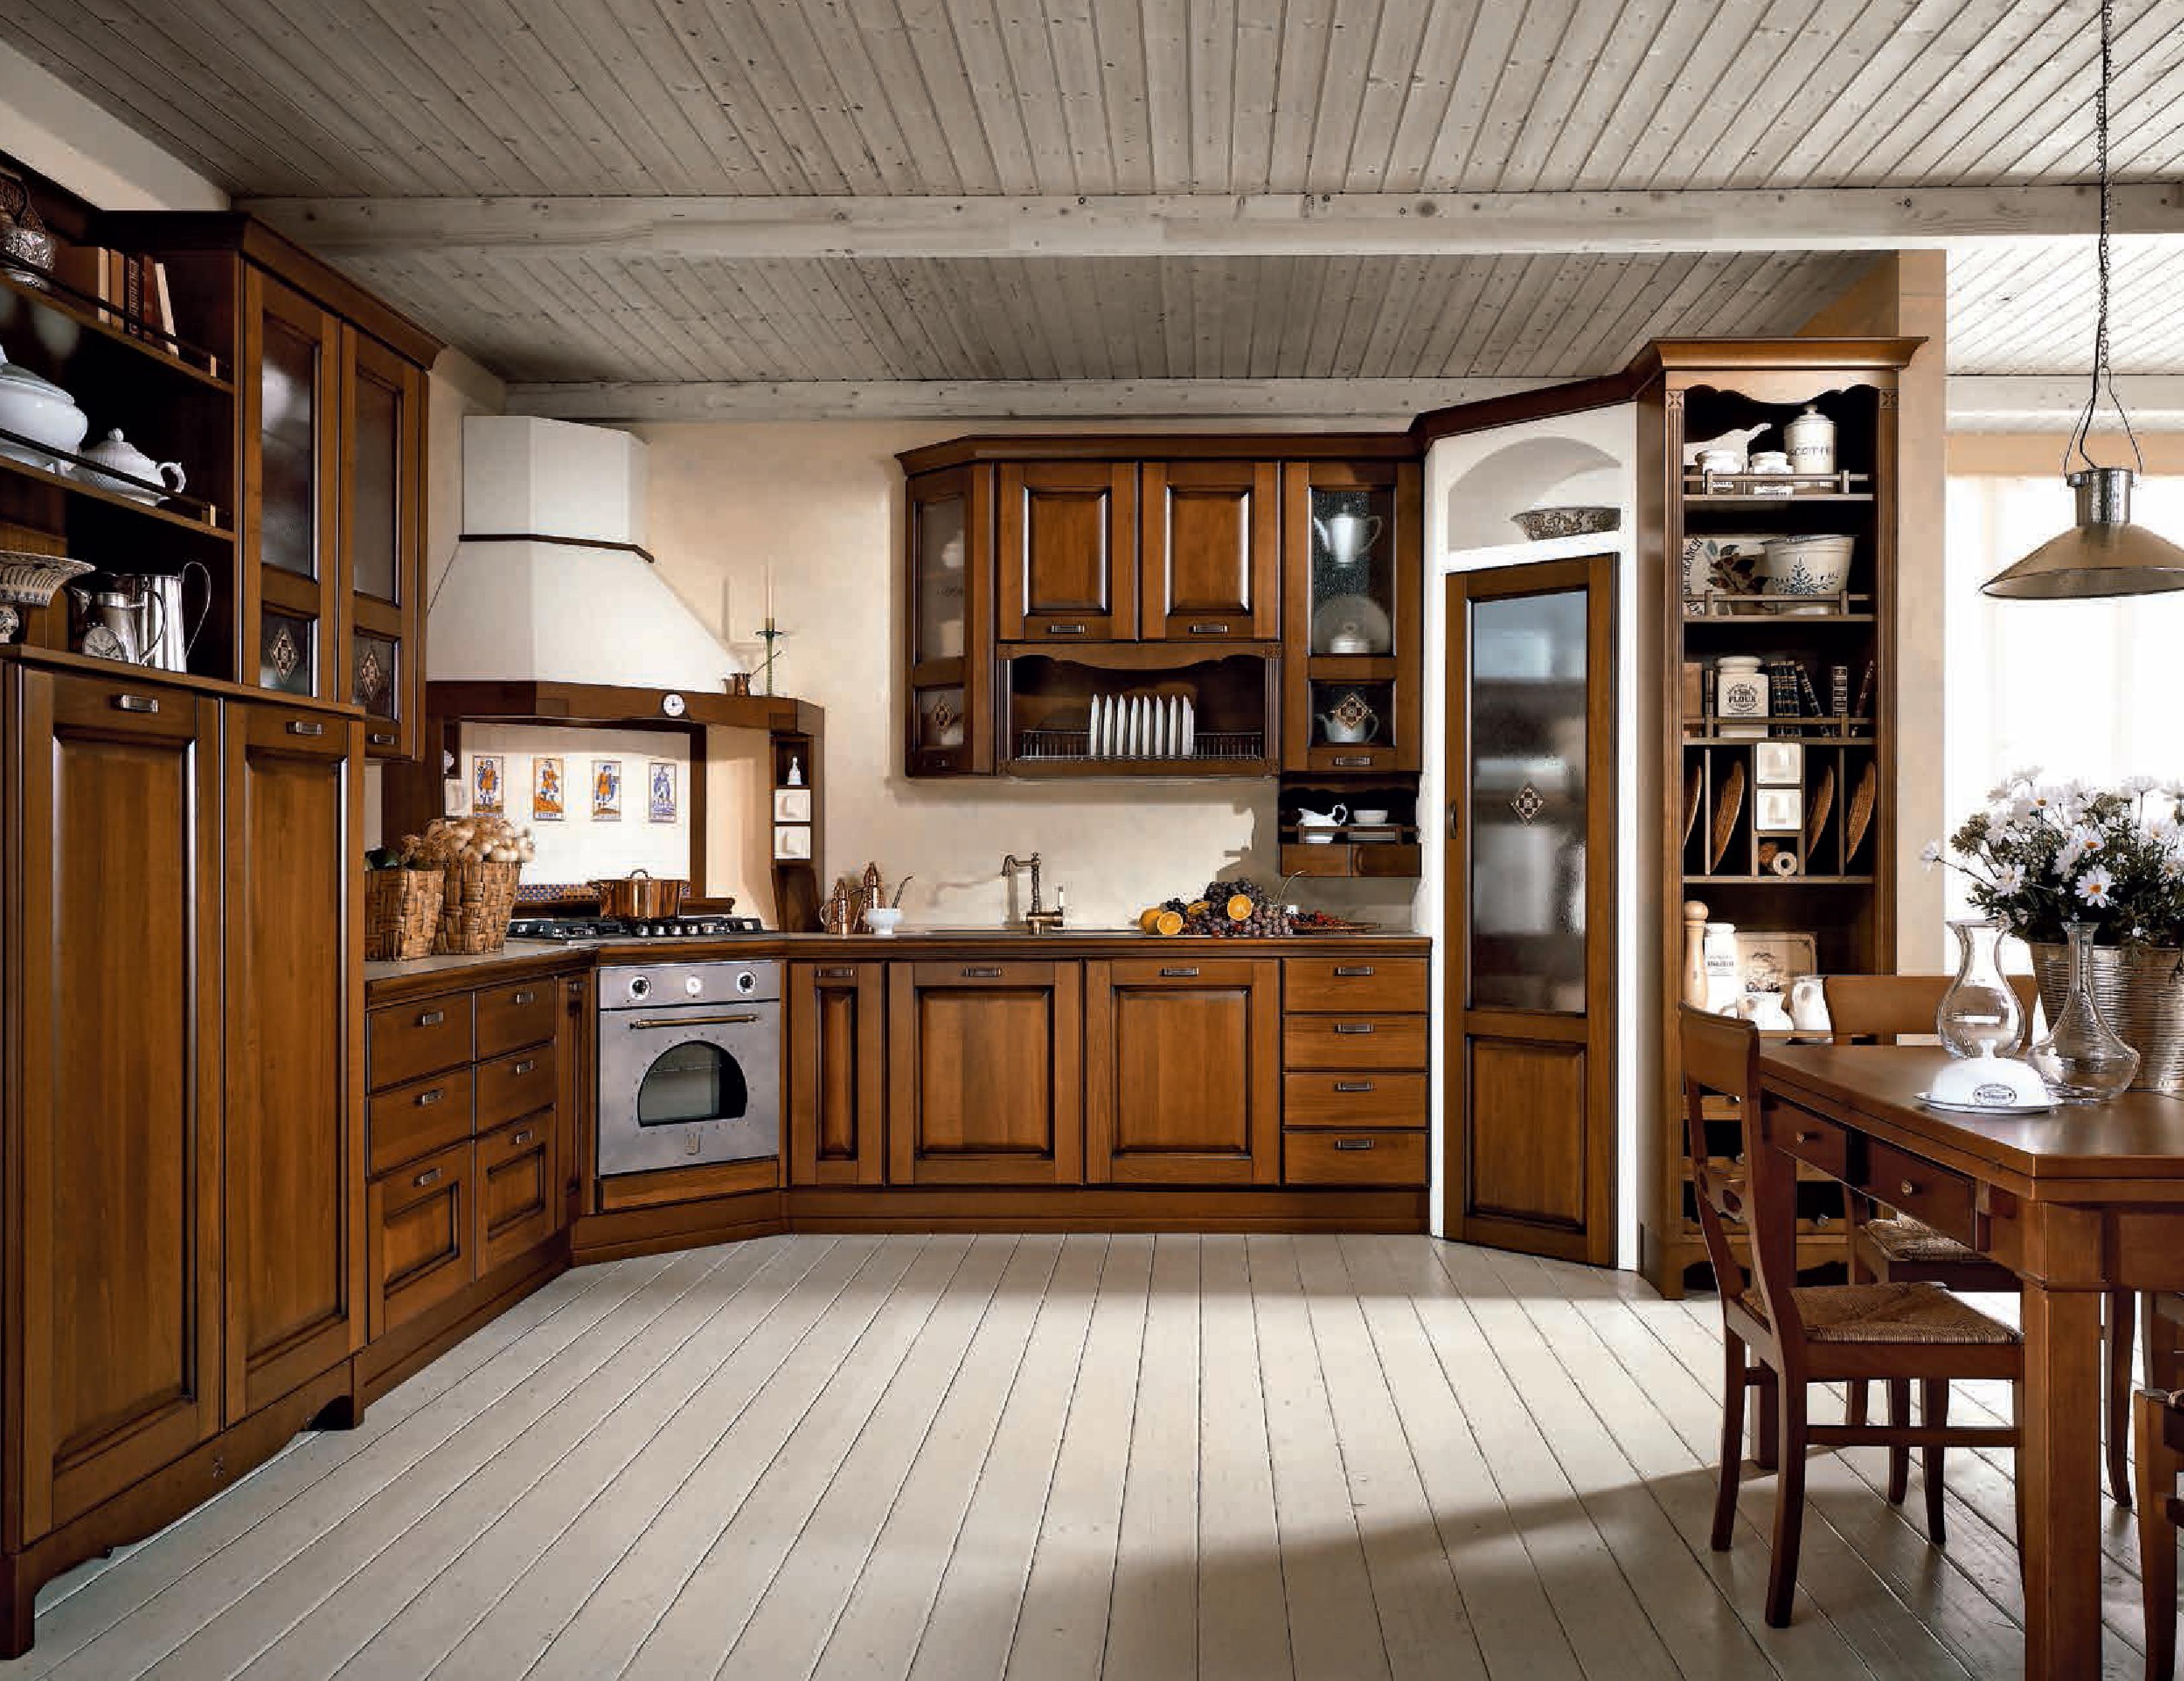 Italian wooden kitchens